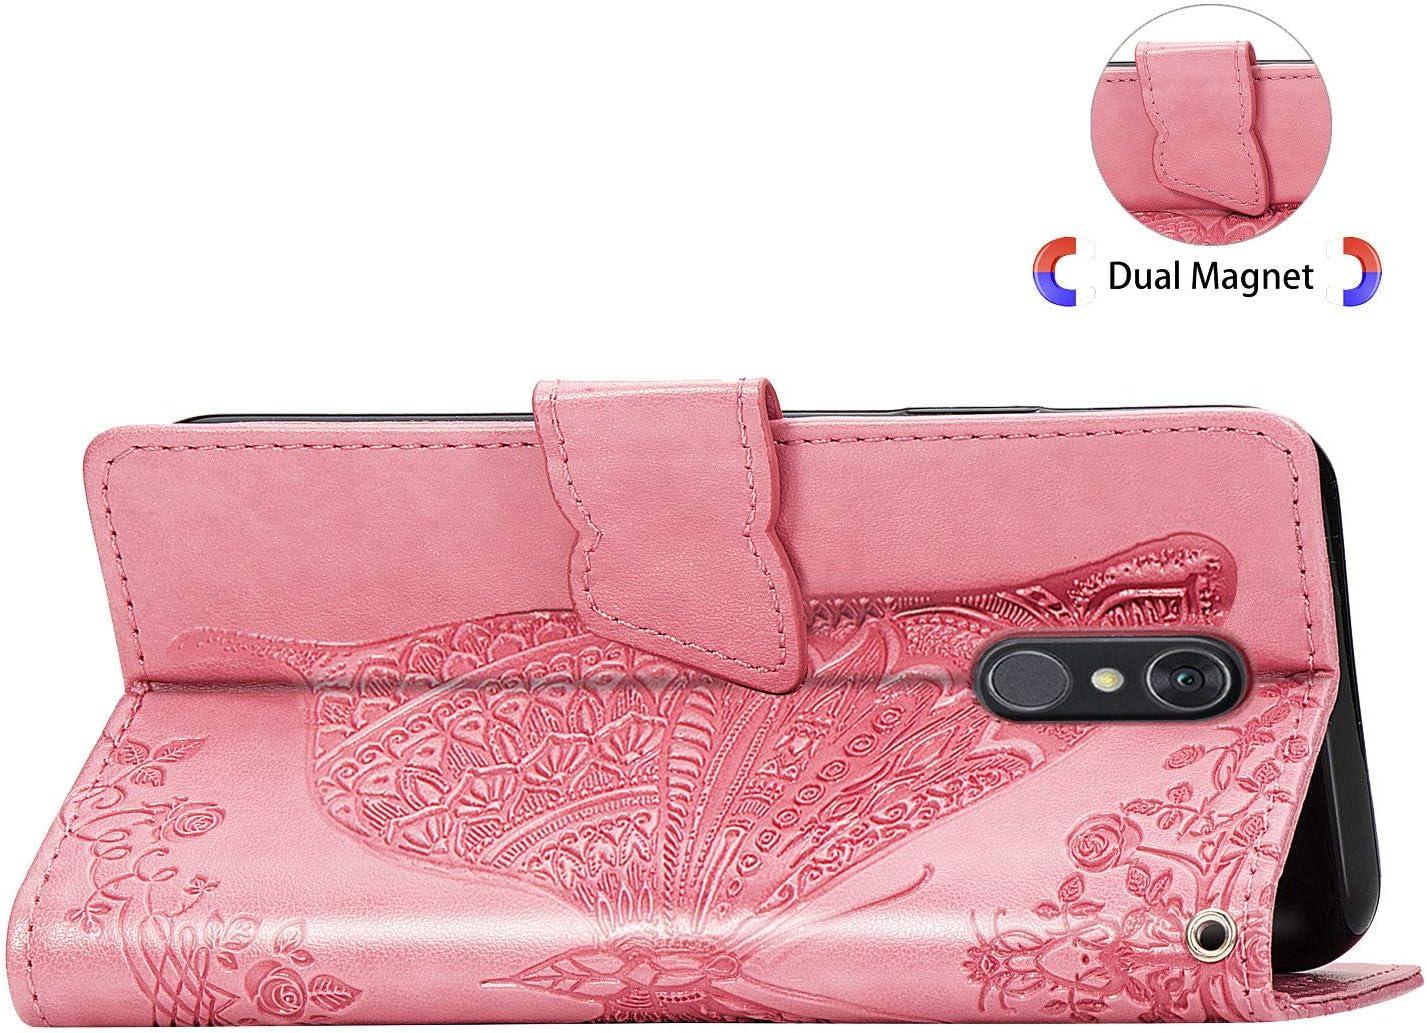 ZISD020965 Lila H/ülle f/ür LG Q7 // Q7+ Q7 Plus Handyh/ülle Schutzh/ülle Leder PU Wallet Bumper Lederh/ülle Ledertasche Klapph/ülle Klappbar Magnetisch f/ür LG Q7 // Q610